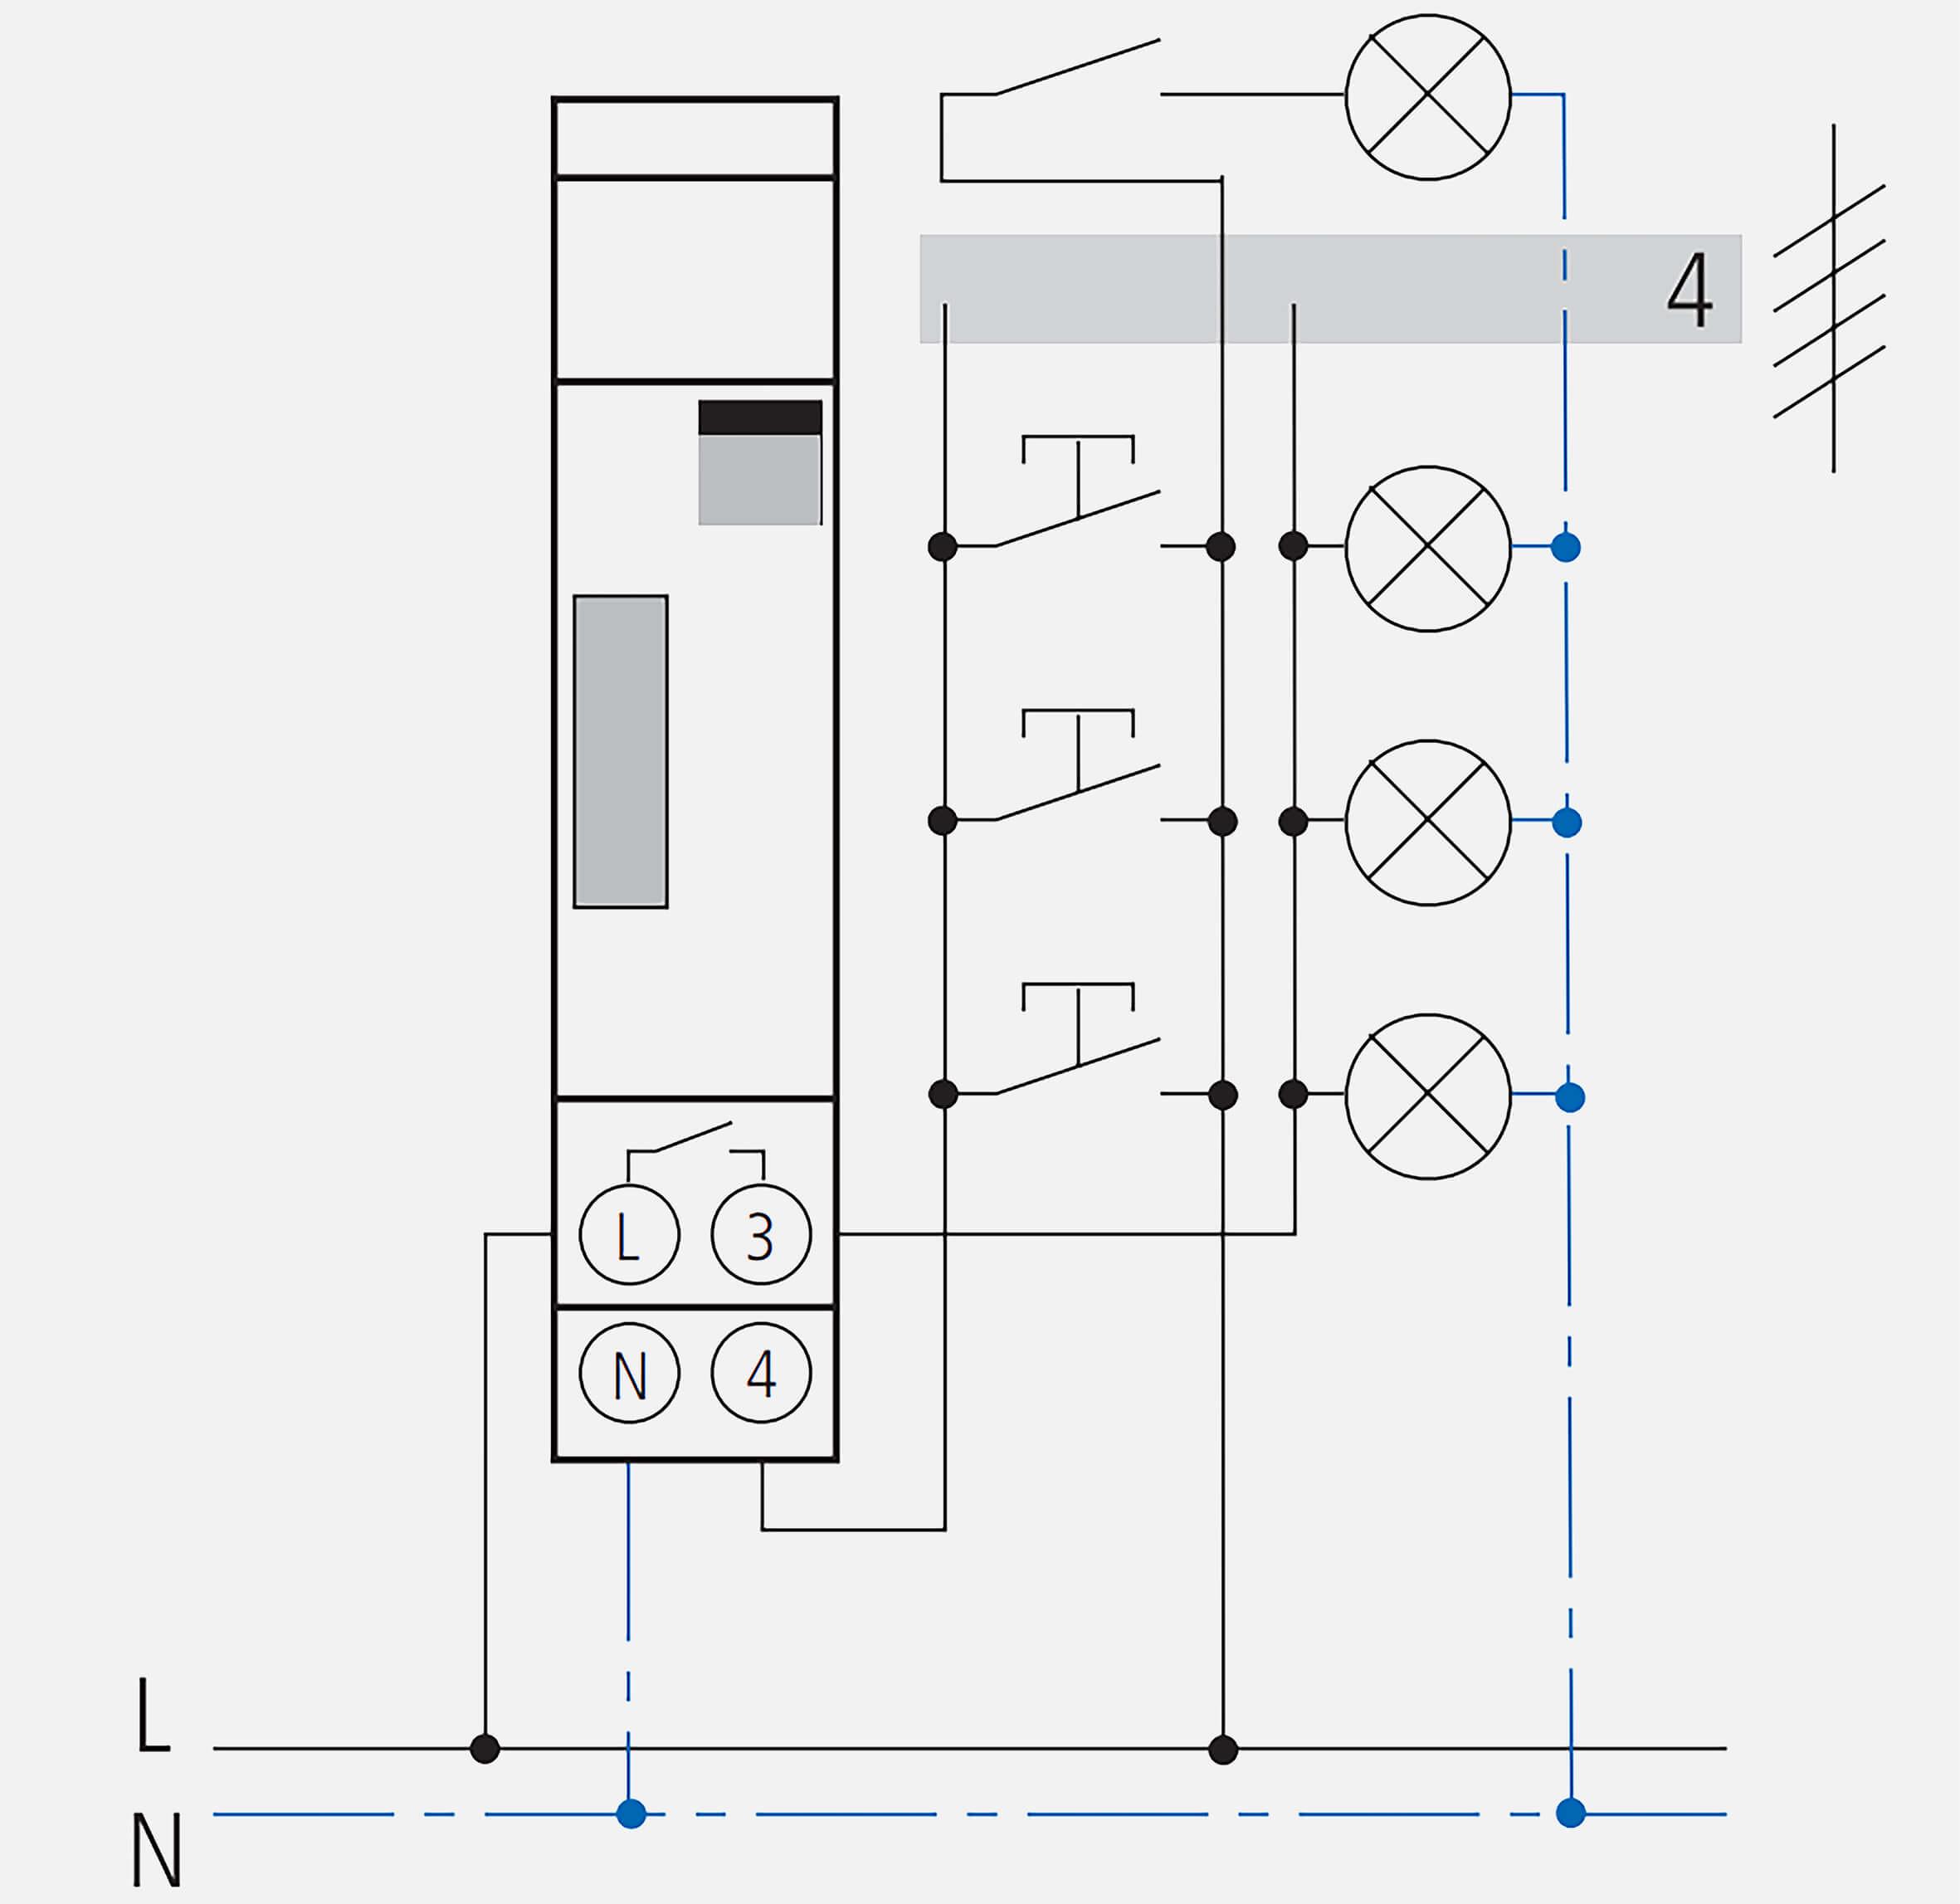 schema de cablage 4 fils minuterie elpa 8